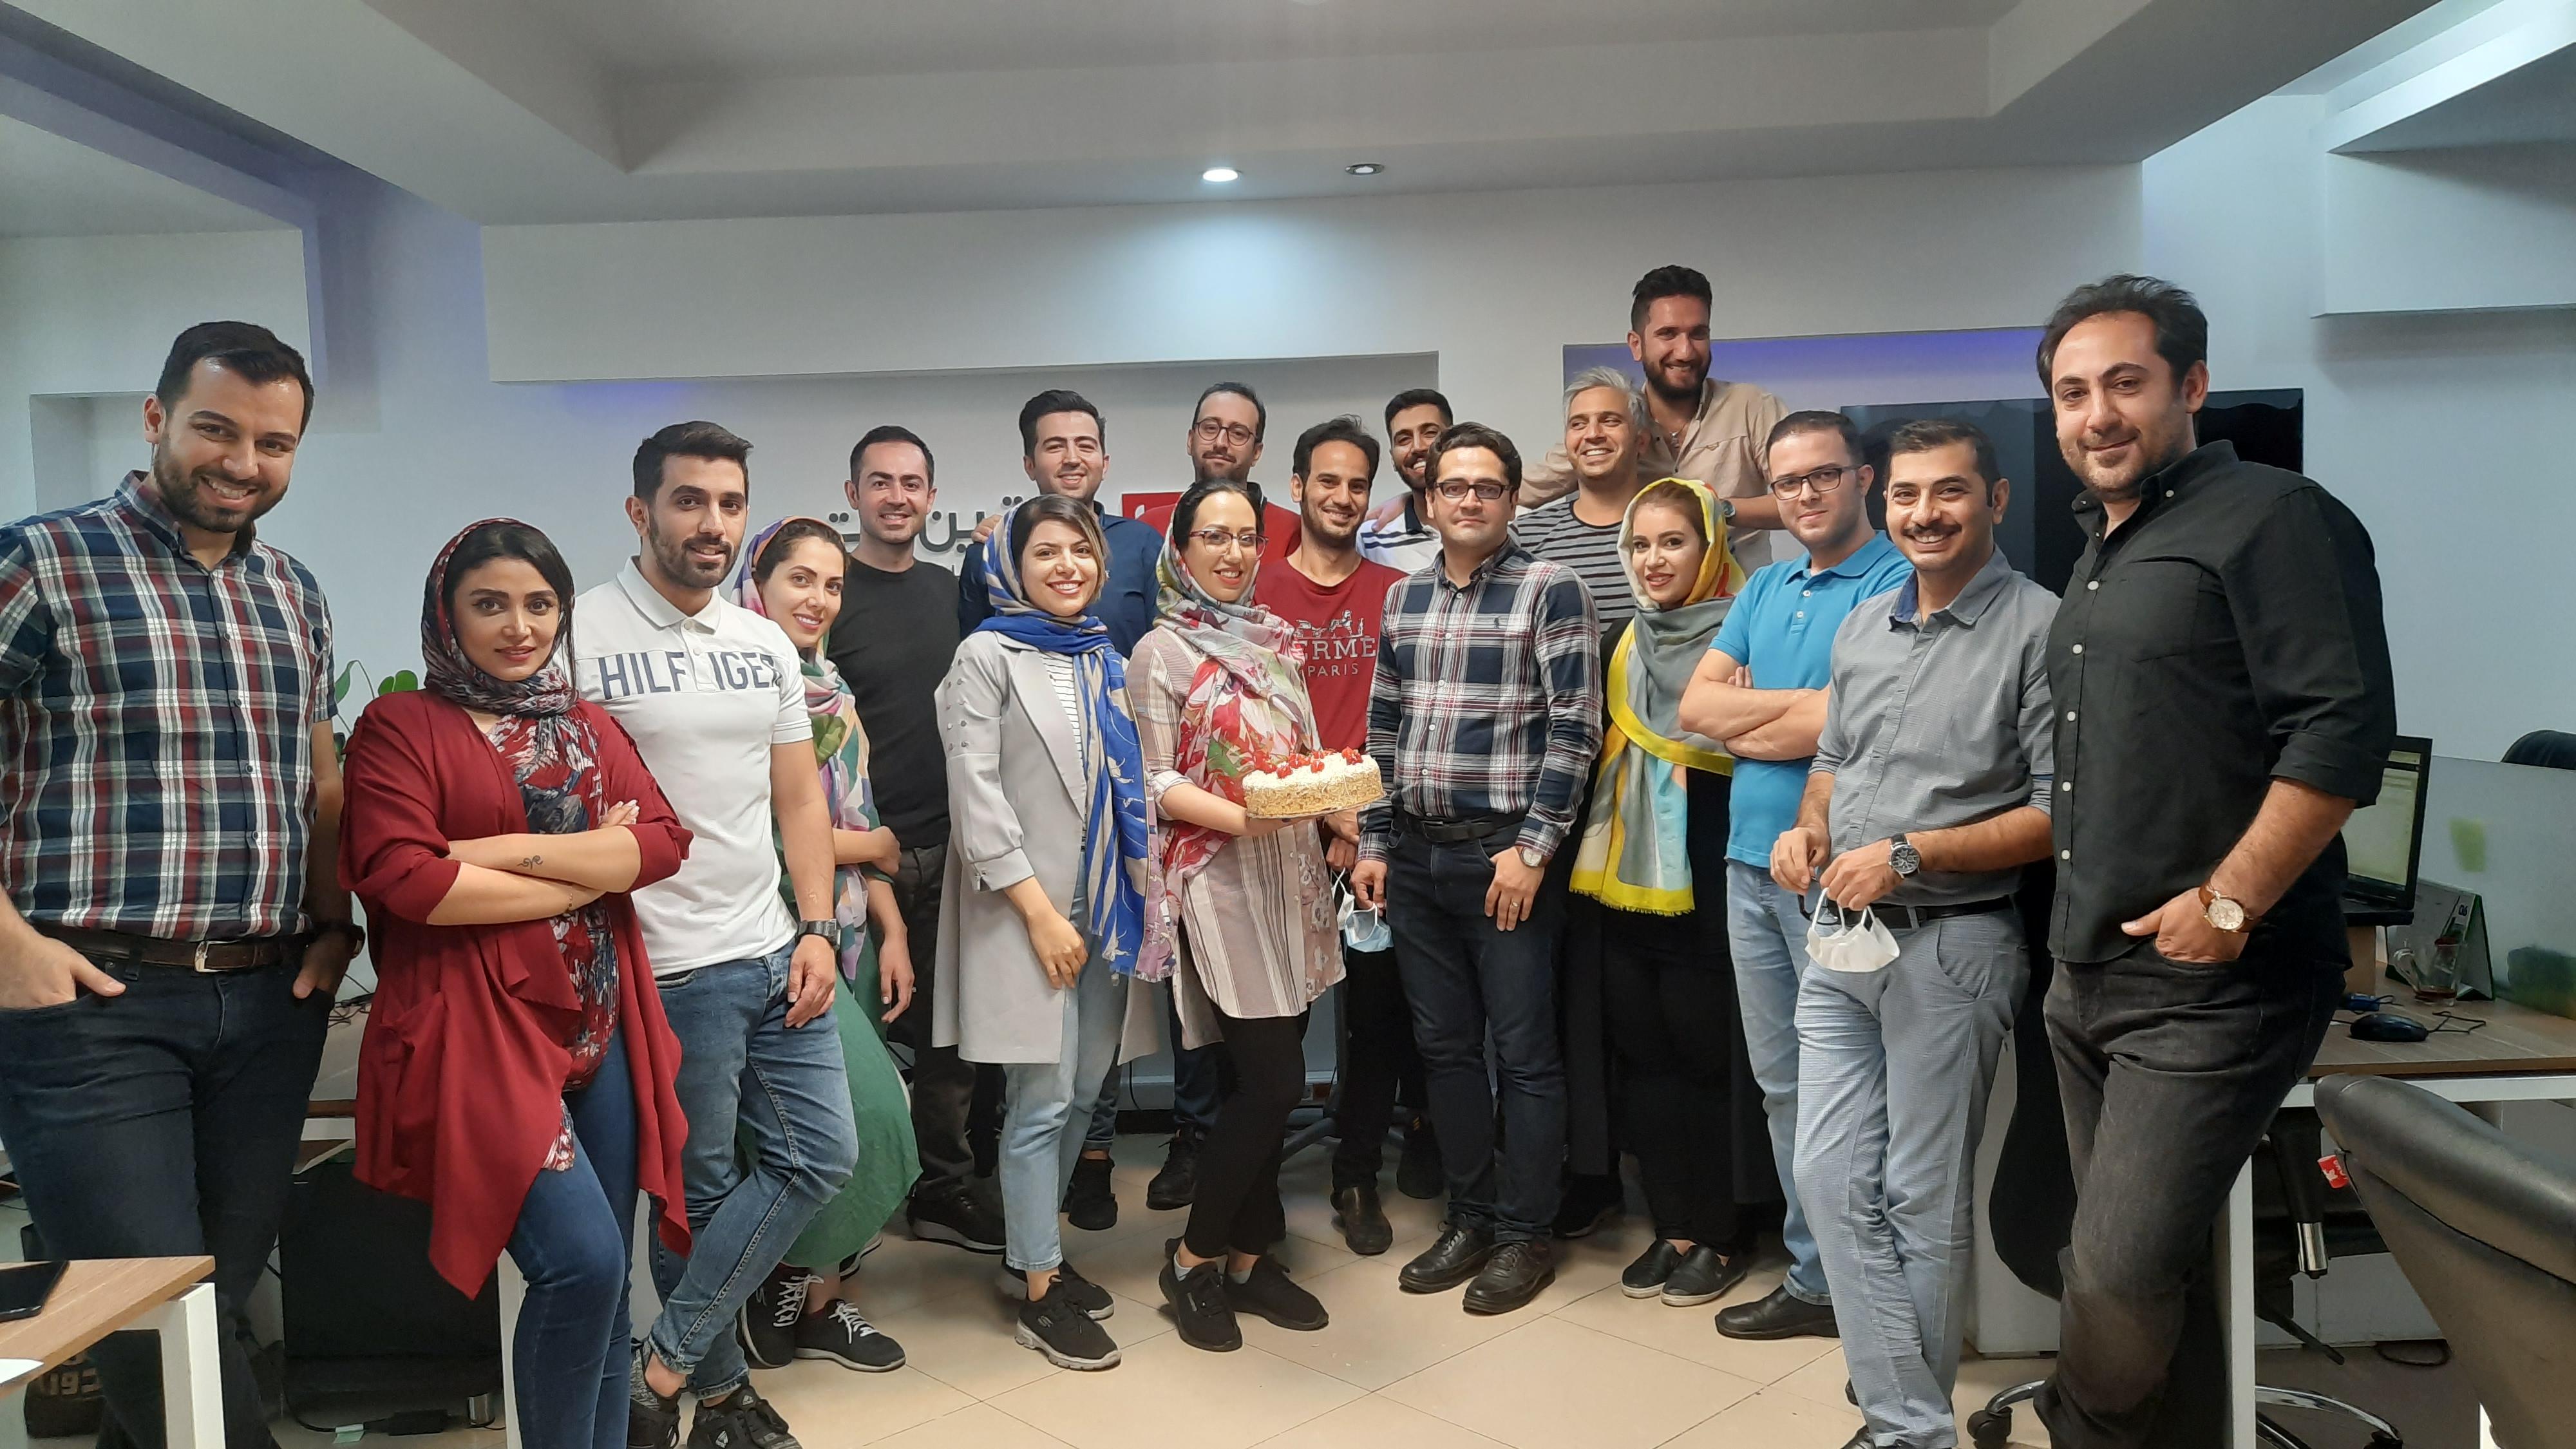 عکس دسته جمعی ویترین نت به مناسبت تولد شرکت